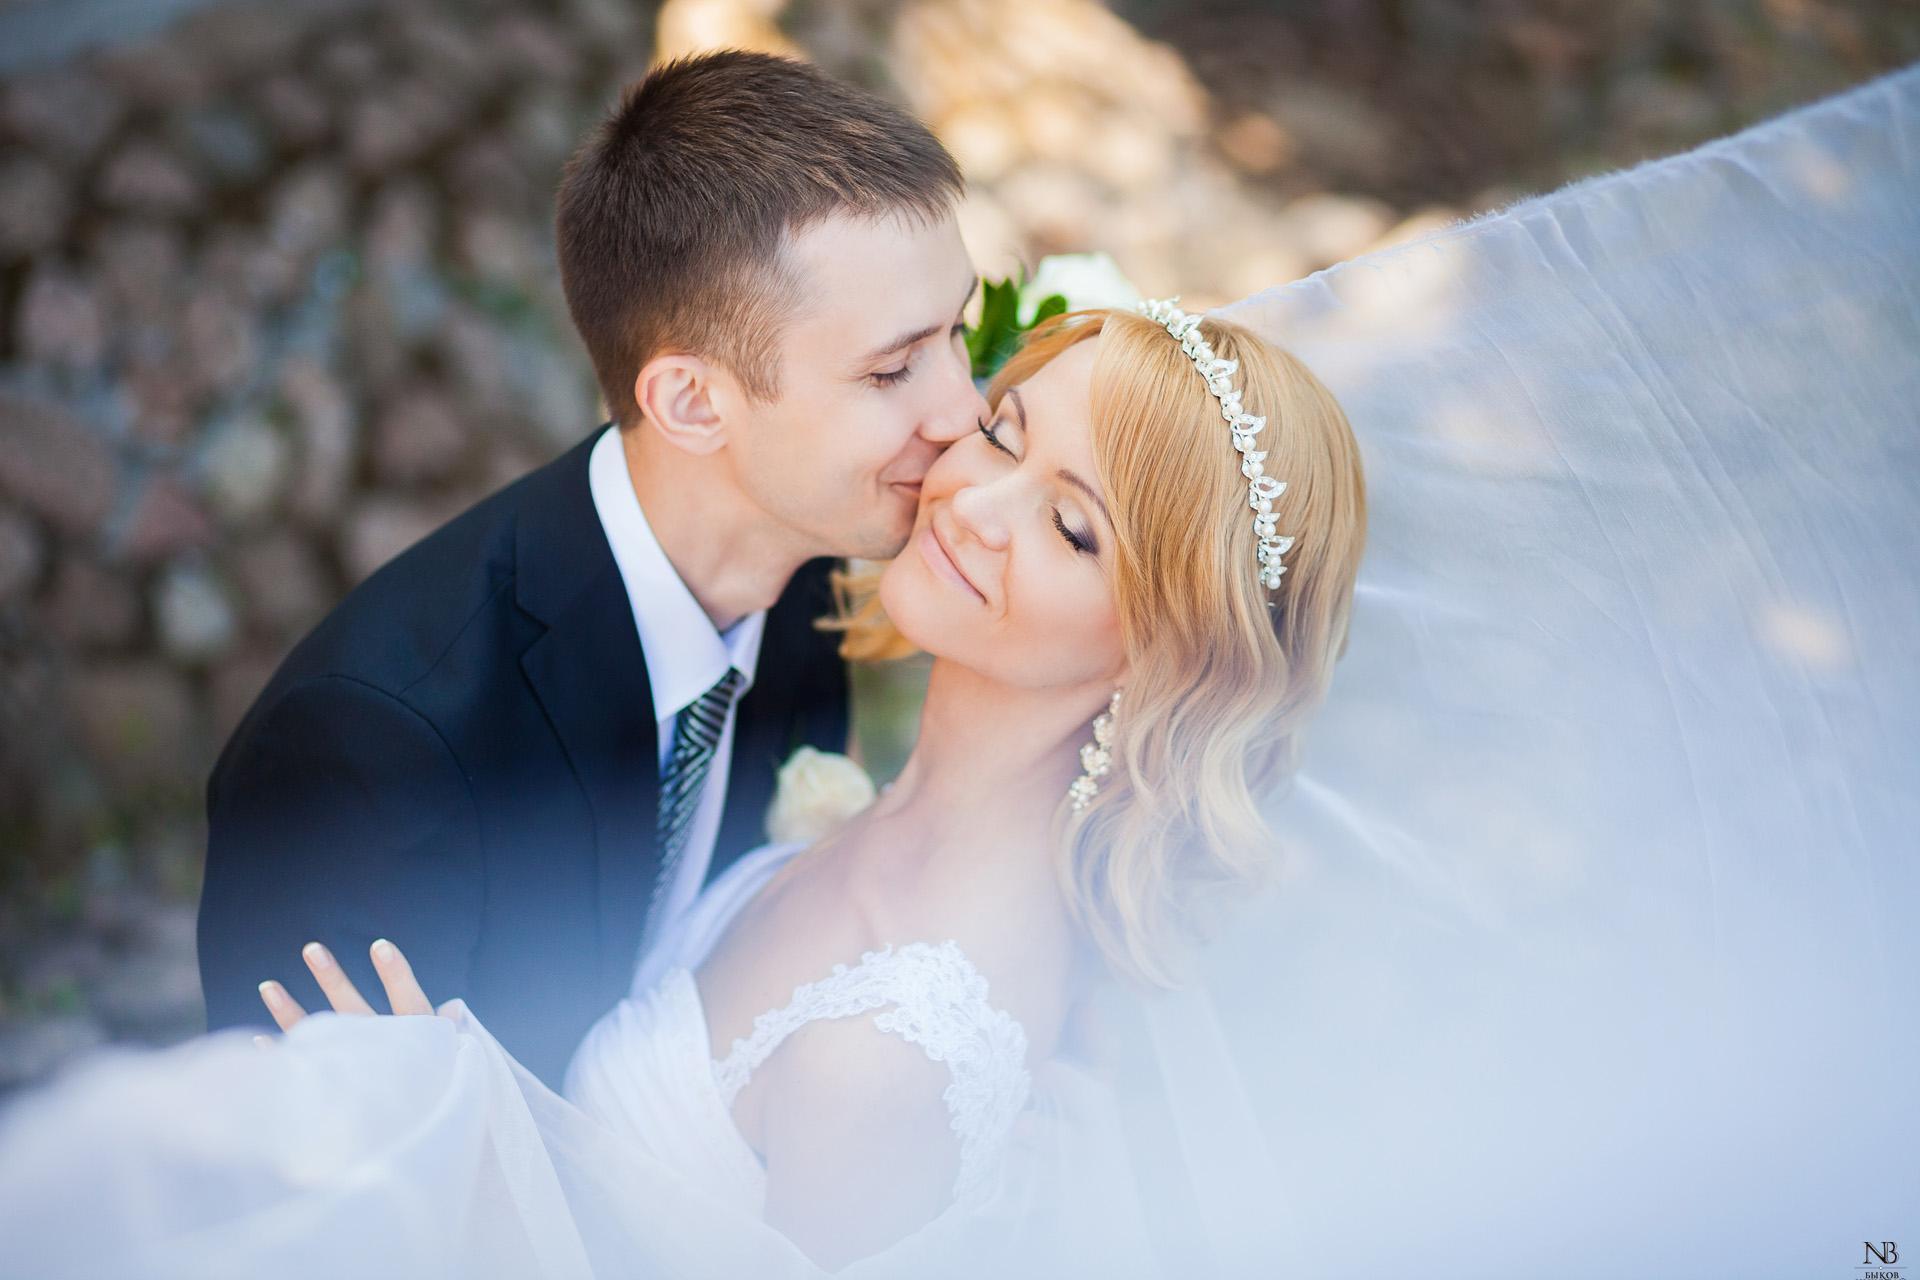 Фота на свадьбу, 50 лучших свадебных фотографий года по версии 4 фотография